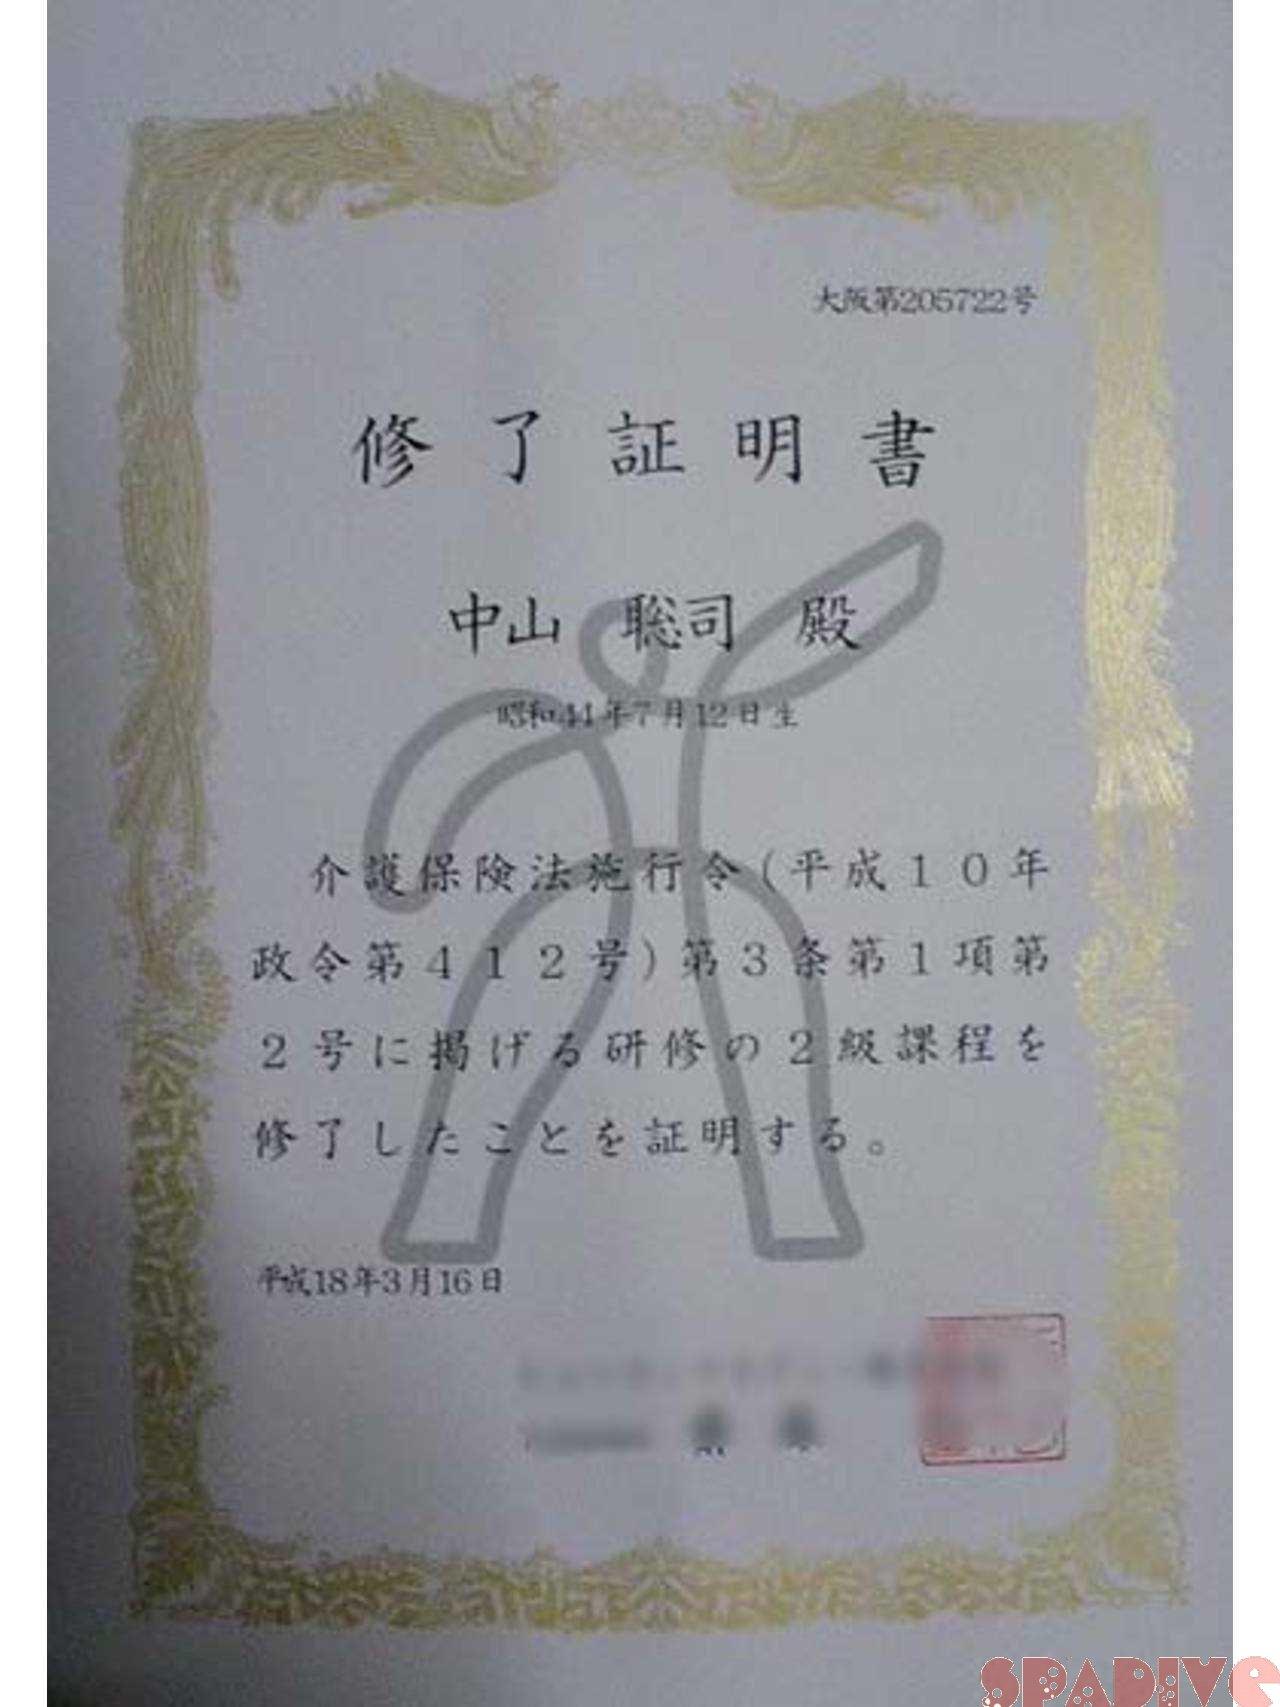 ホームヘルパー2級講座修了|3/16/2006大阪ヒューマンアカデミー